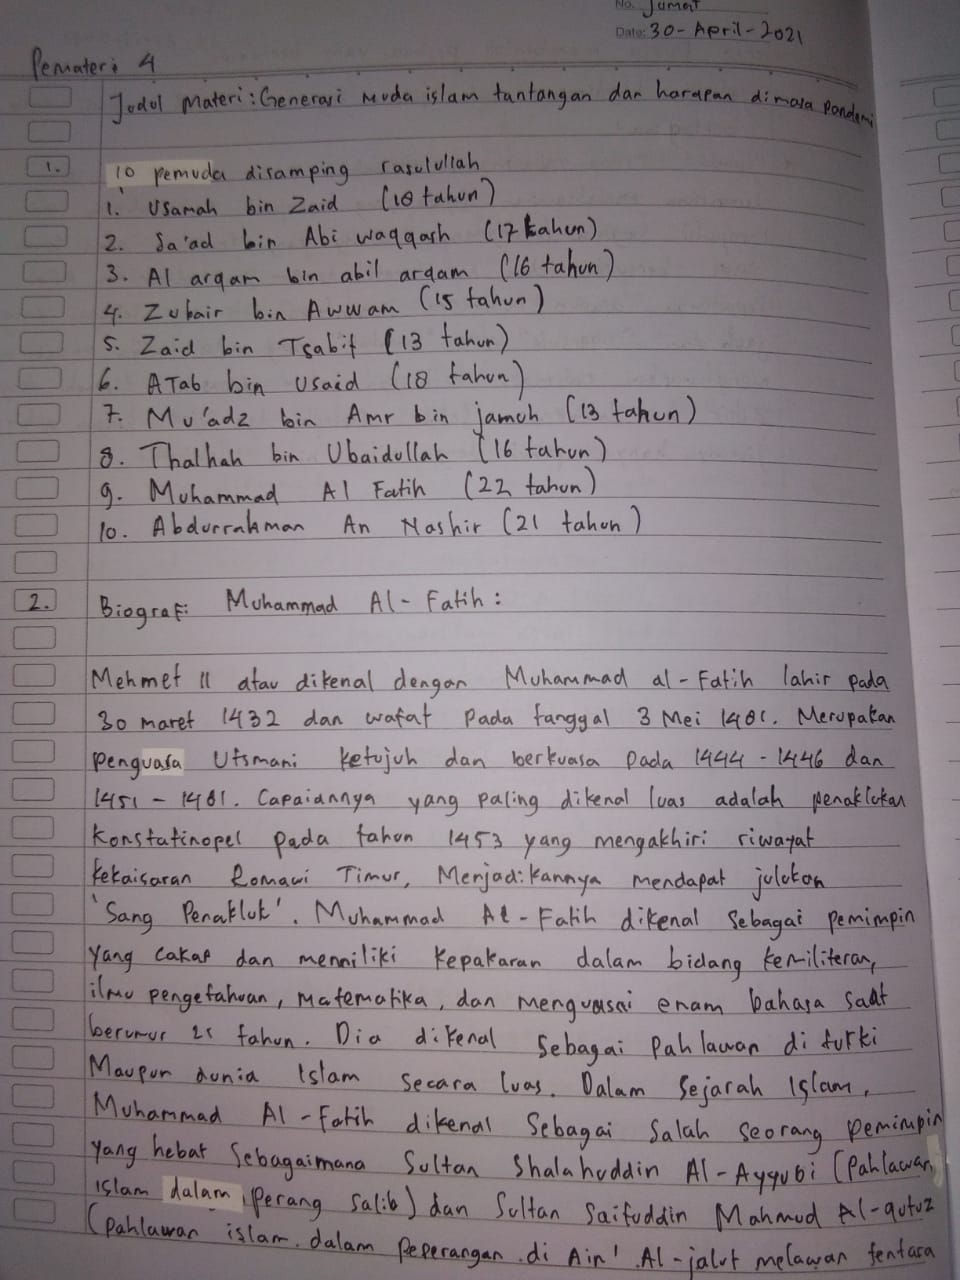 """Pemateri 4  Dom 30-April-2021  Judul Materi: Generavi muda islam tantangan dan harapan di pond  10 Pemuda disamping rasulullah Usarah bin Zaid (18 tahun)  2. Sa'ad bin Abi waqqash (17 kahun)  3. Al arqam bin abil argam (16 tahun) 4. Zubair bin Awwam (15 tahun)  S. Zaid bin Tsabit (13 tahun) 6. A Tab bin useid (18 tahun)  7. Mu'adz bin Amr bin jamuh (13 tahun)  8. Thalhah bin Ubaidullah (16 tahun) 9. Muhammad Al Fatih (22 tahun)  10. Abdurrahman An Mashir (21 tahun)  Biograf Muhammad Al- Fatih:  Mehmet 11 atau dikenal dengan Muhammad al-Fatih lahir pada 30 maret 1432 dan wafat Pada tanggal 3 Mei 1481. Merupatan Penguasa Utsmani ketujuh dan berkuasa Pada 1444 1446 dan 1451 - 1481. Capaiannya yang paling dikenal luas adalah penaklukan Konstatinopel Pada tahun 1453 yang mengakhiri riwayat Kekaisaran Romani Timur, Menjadikannya mendapat juluton """"Sang Penakluk'. Muhammad Al-Fatih dikenal sebagai Pemimpin Yang cakap dan menniliki kepakaran dalam bidang kemiliteran, ilmu pengetahuan, matematika dan menguasai enam bahasa saat berumur 11 tahun. Dia dikenal sebagai Pahlawan di turki Maupun dunia Islam Secara luas. Dalam Sejarah Islam. Muhammad Al-Fatih dikenal sebagai salah seorang pemimpin  Yang hebat Sebagaimana Sultan Shalahuddin Al-Ayyubi (Pahlawan Islam dalam Perang Salib) dan Sultan Saifuddin Mahmud Al-qutuz (Pahlawan islam dalam peperangan di Ain' Al-jakut melawan fentara"""